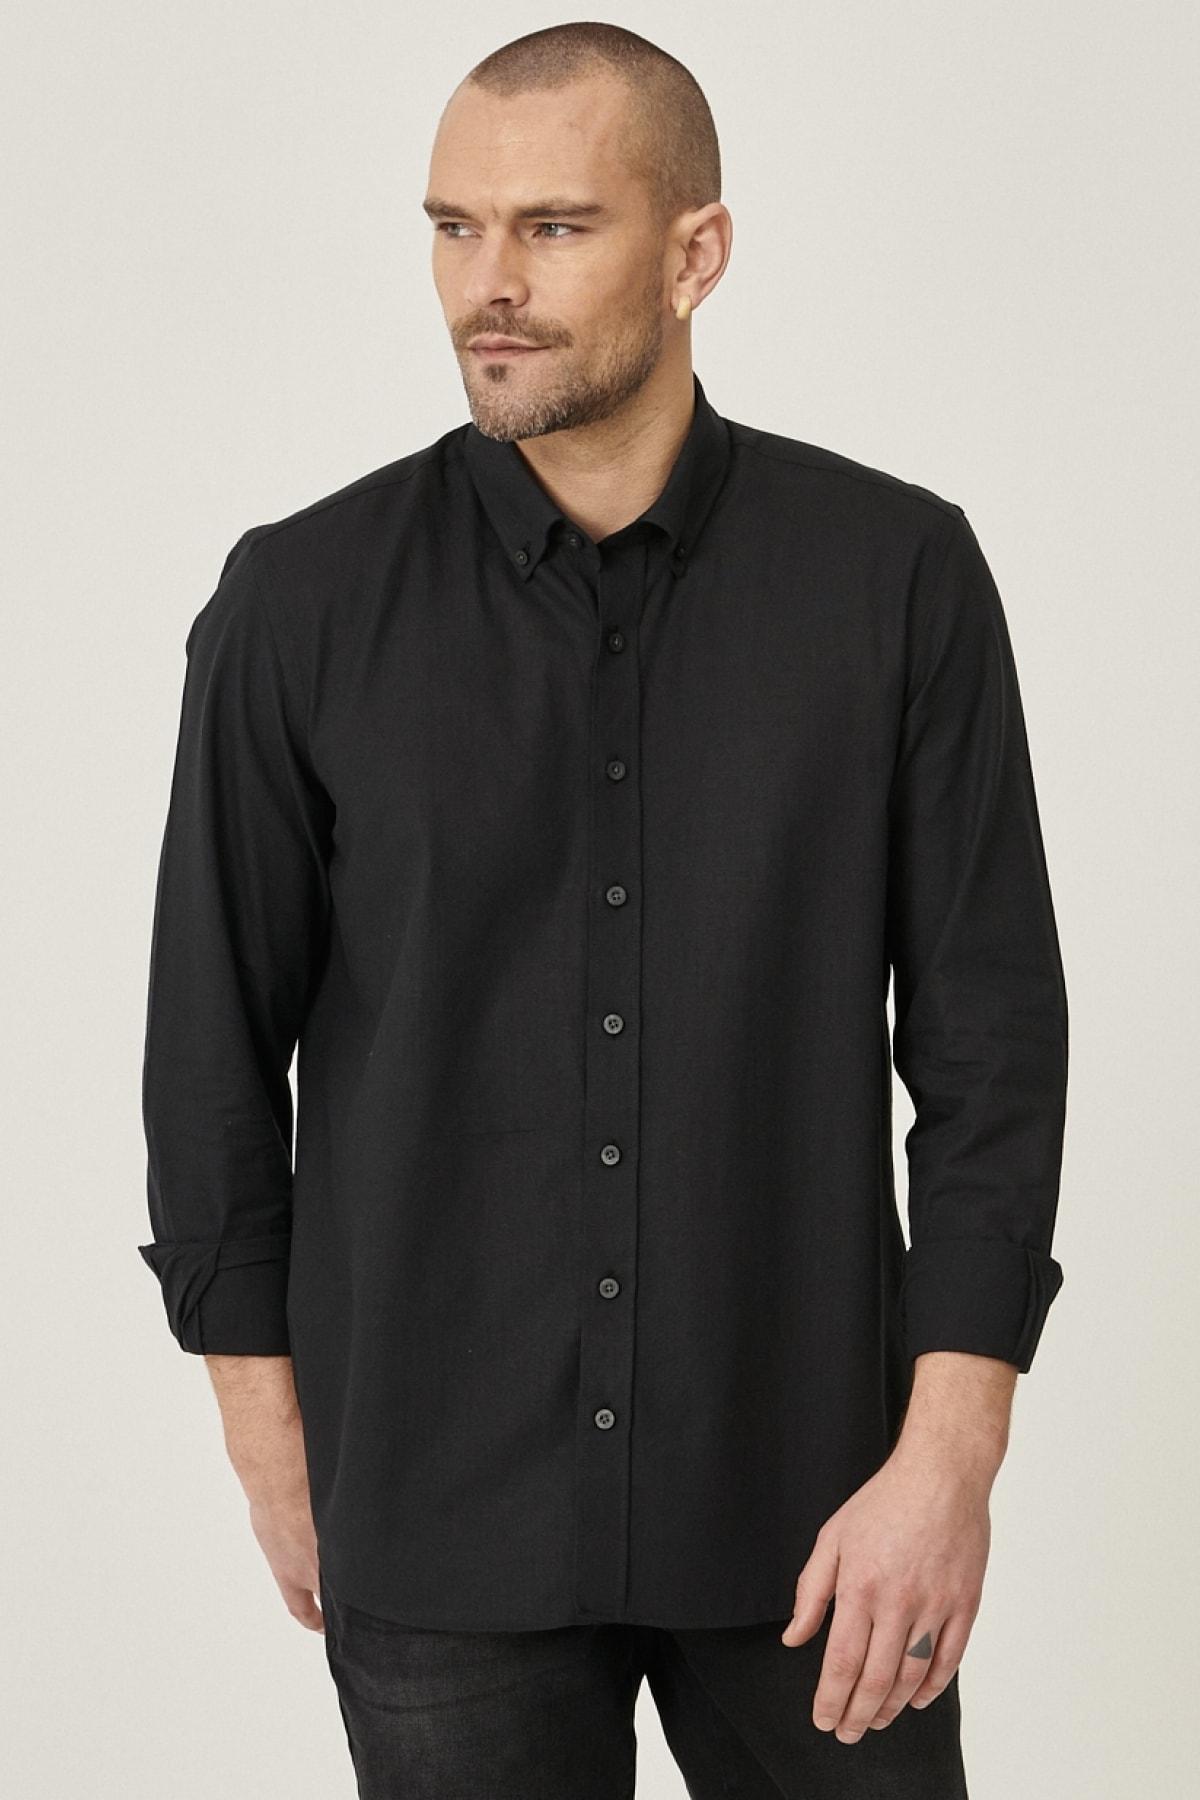 Erkek Siyah Tailored Slim Fit Dar Kesim Düğmeli Yaka %100 Koton Gömlek